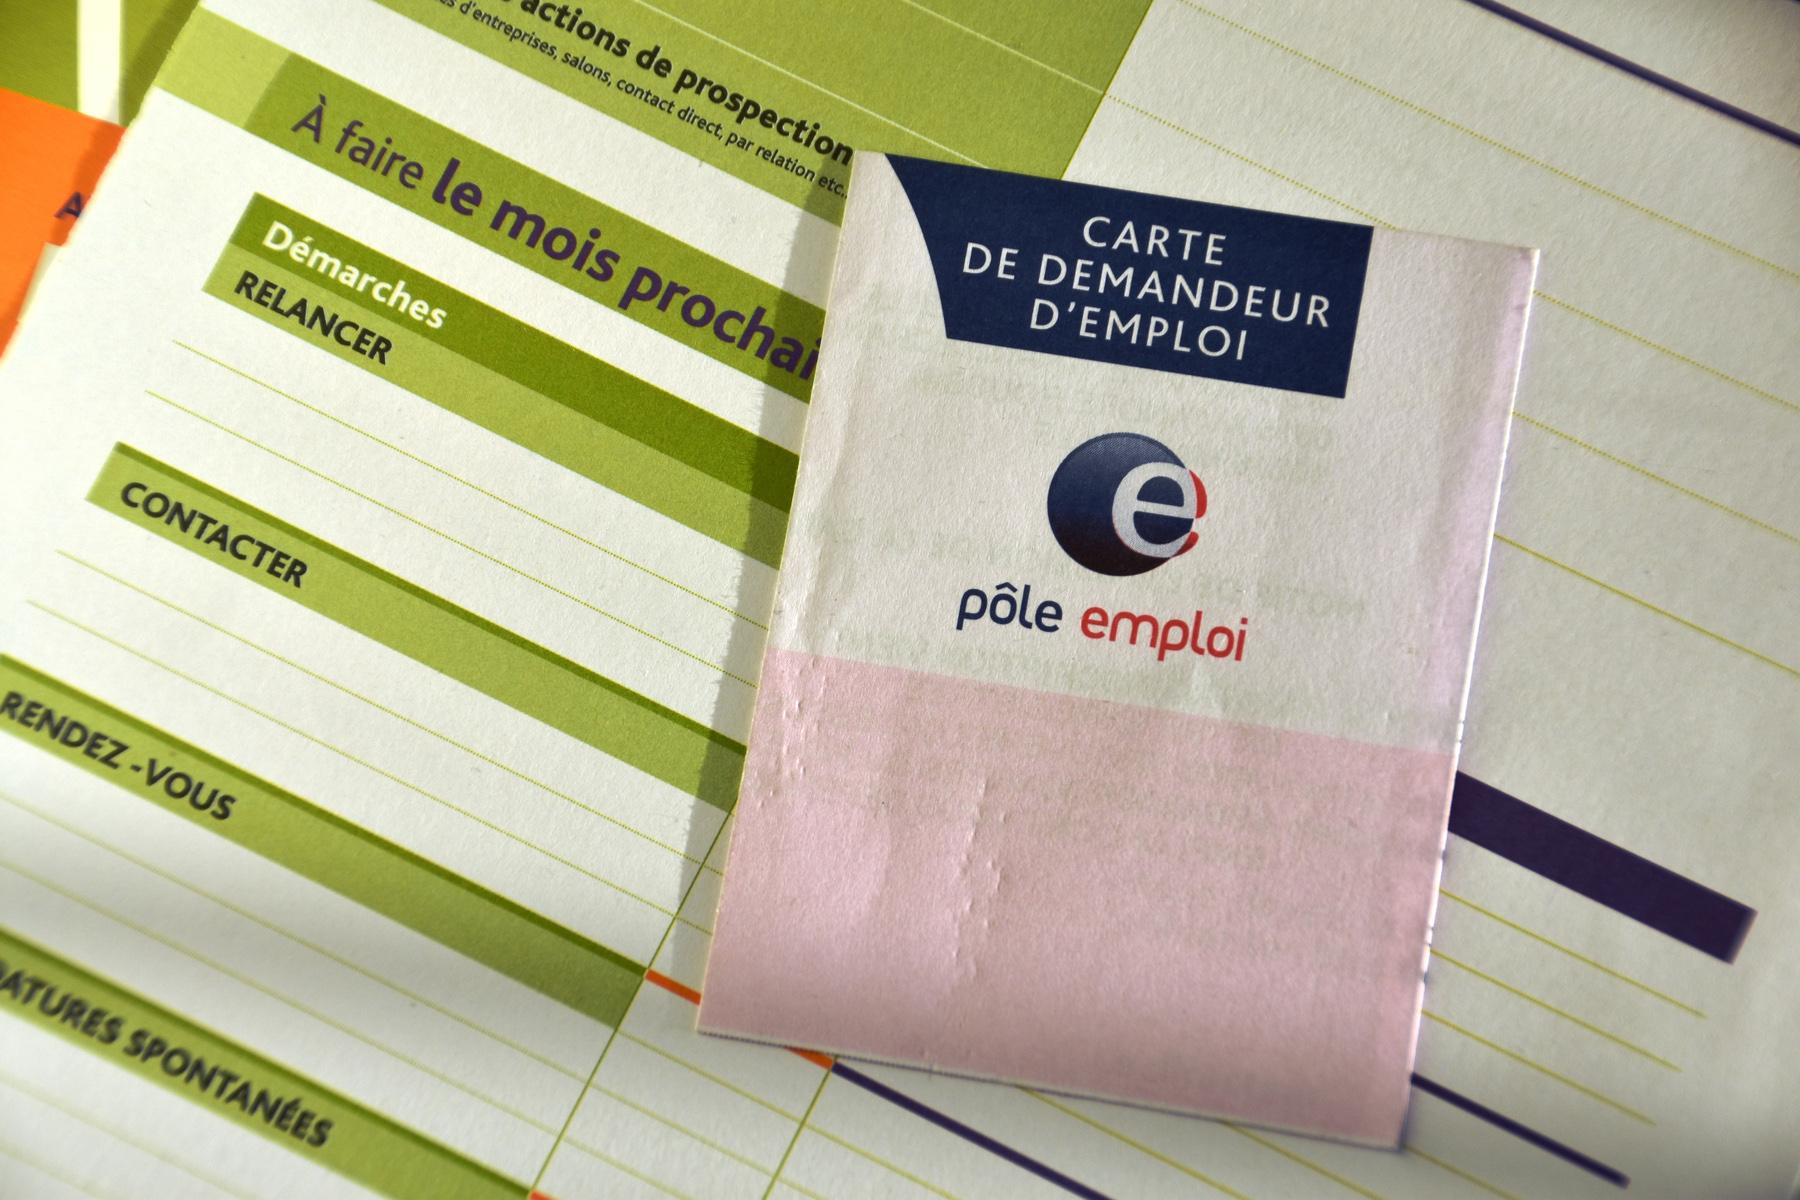 French jobseeker's card